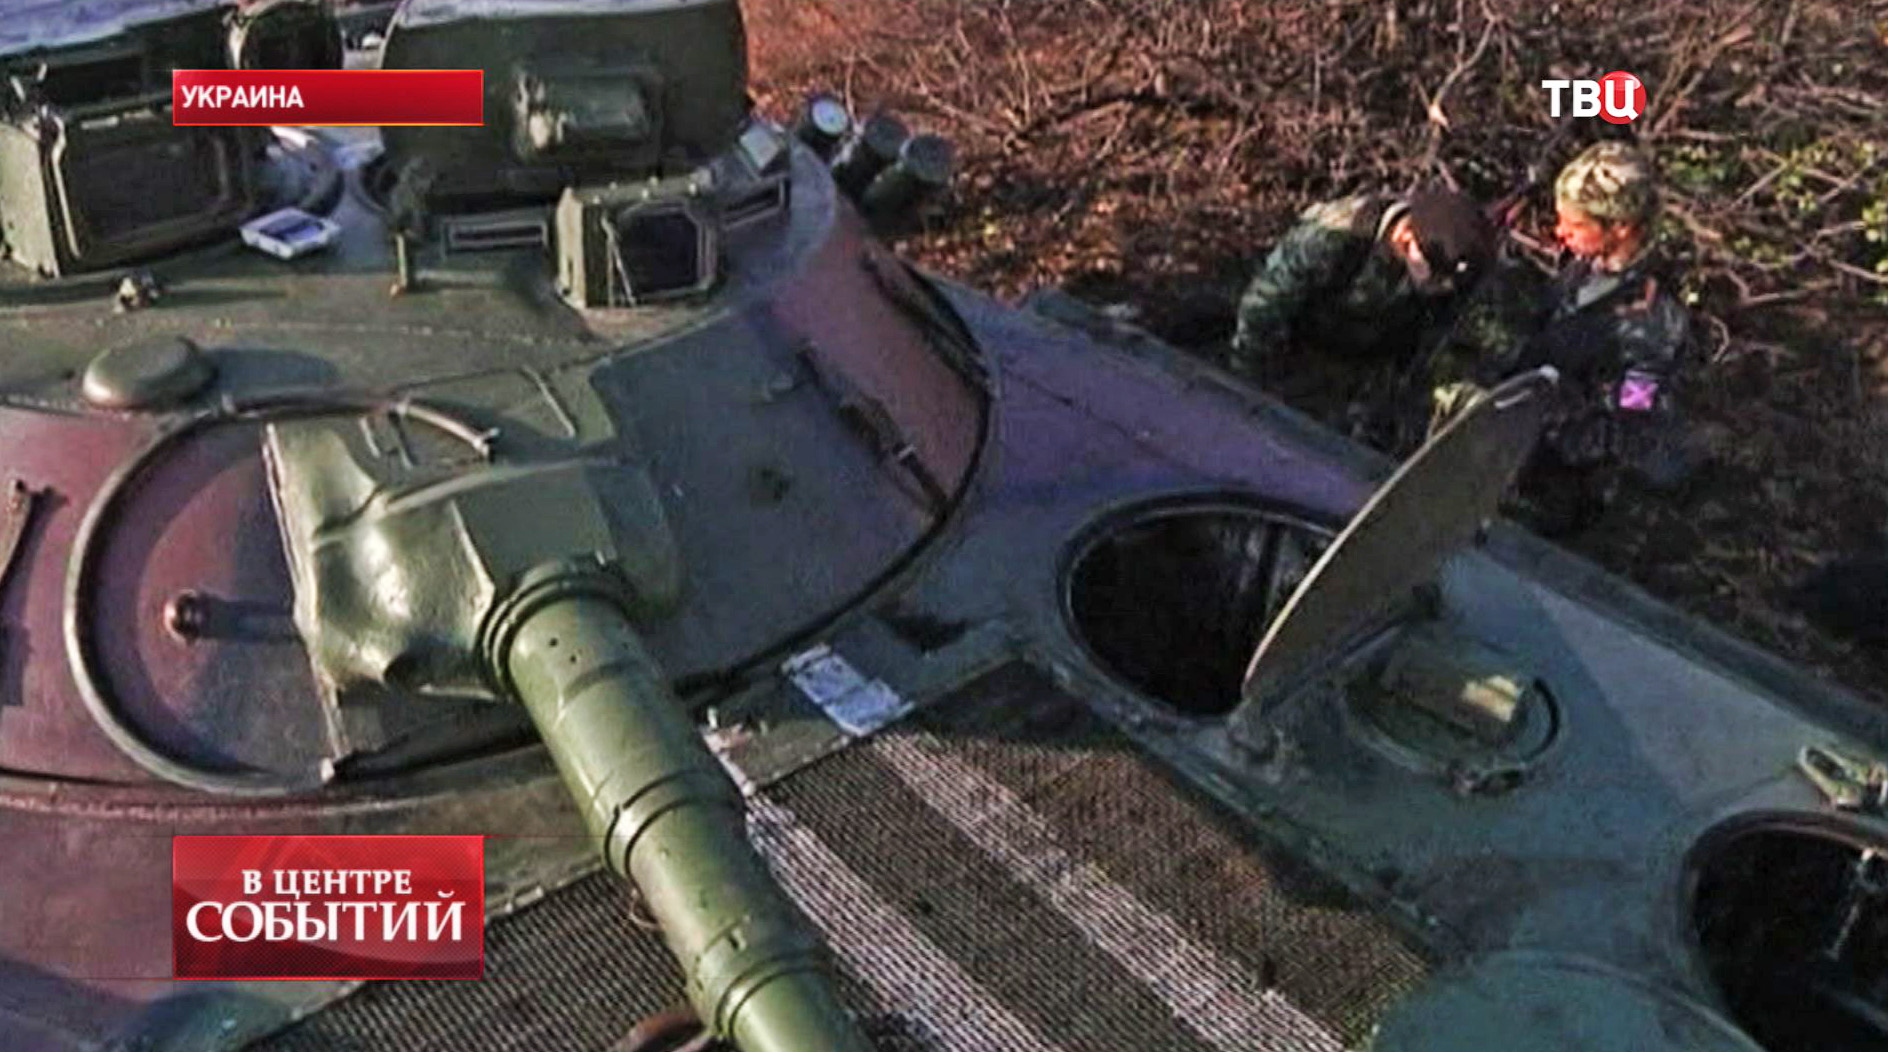 Ополченцы около БМП украинских войск